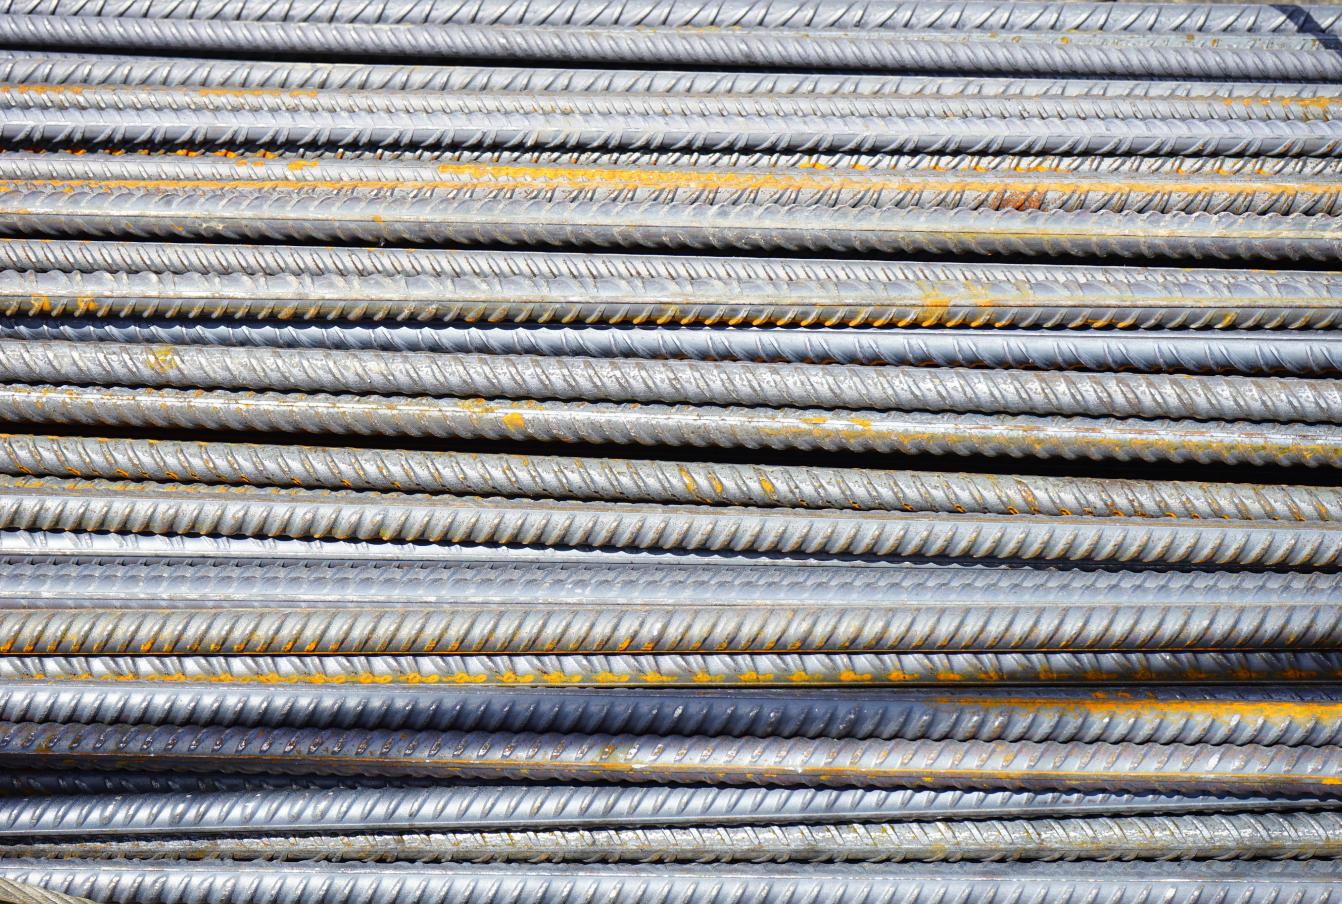 Stack of iron rebar